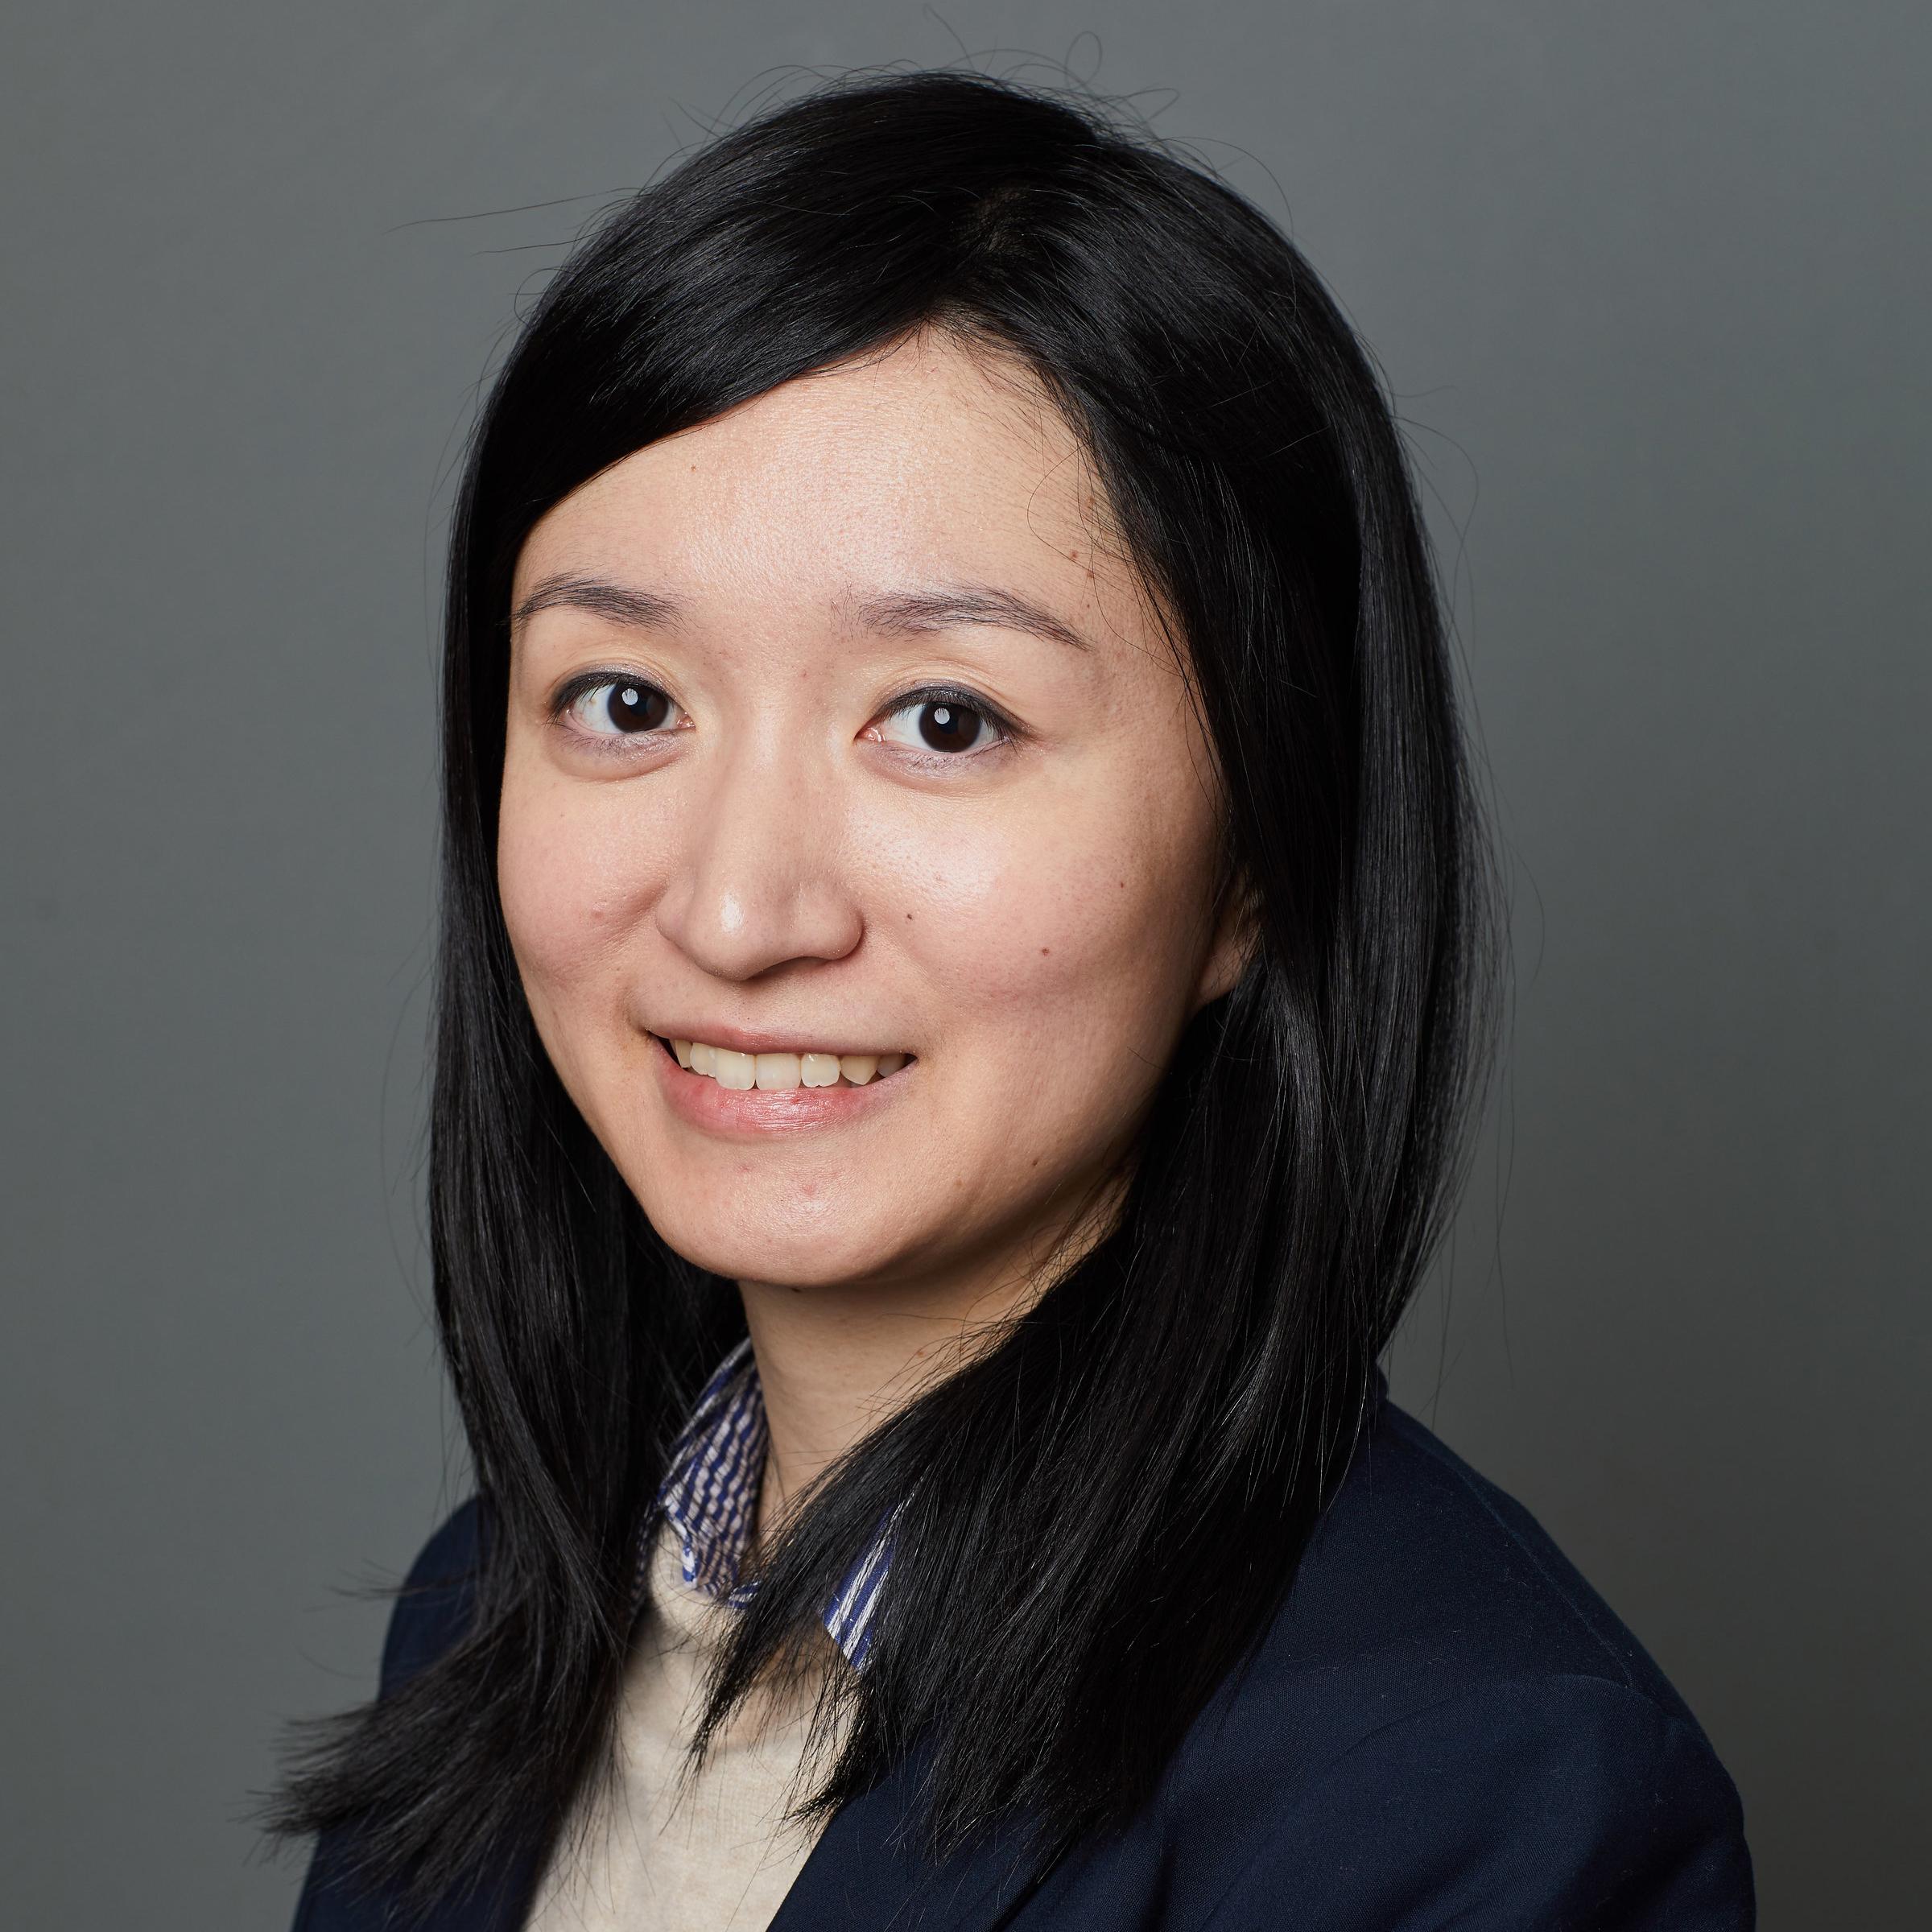 Yiye Zhang